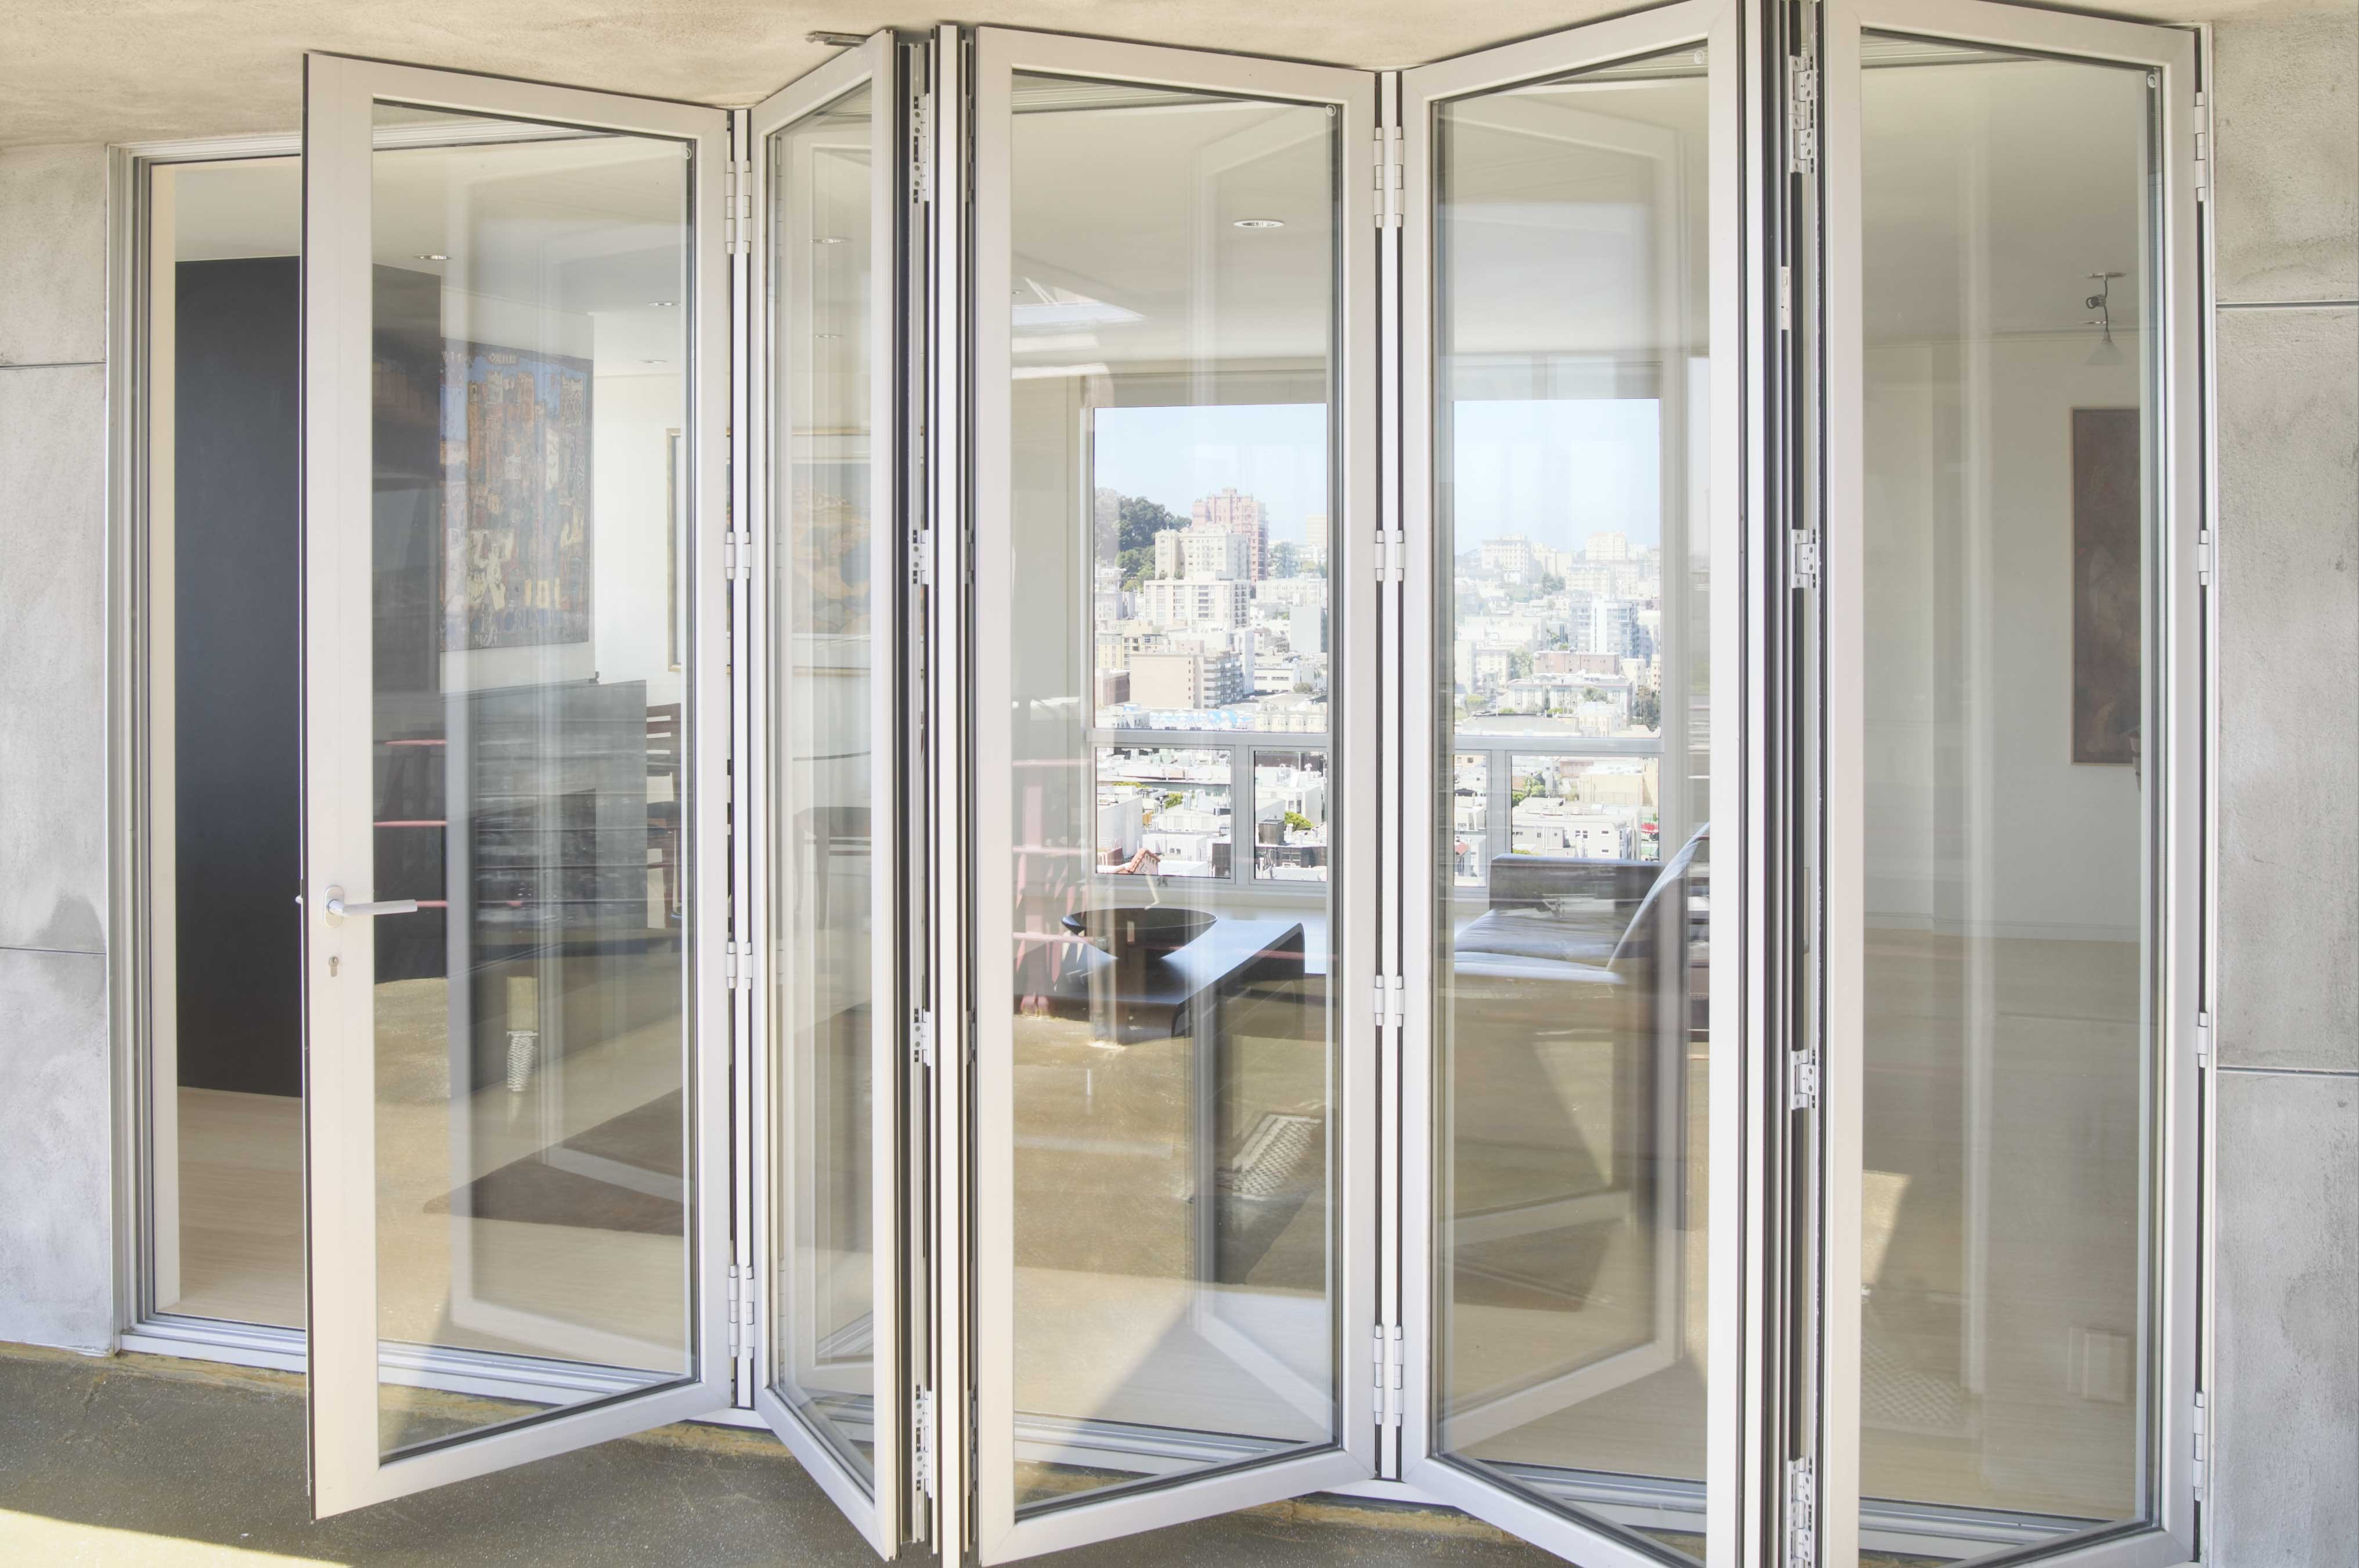 Пластиковая дверь-гармошка из 5 секций 5,2х2,5 м